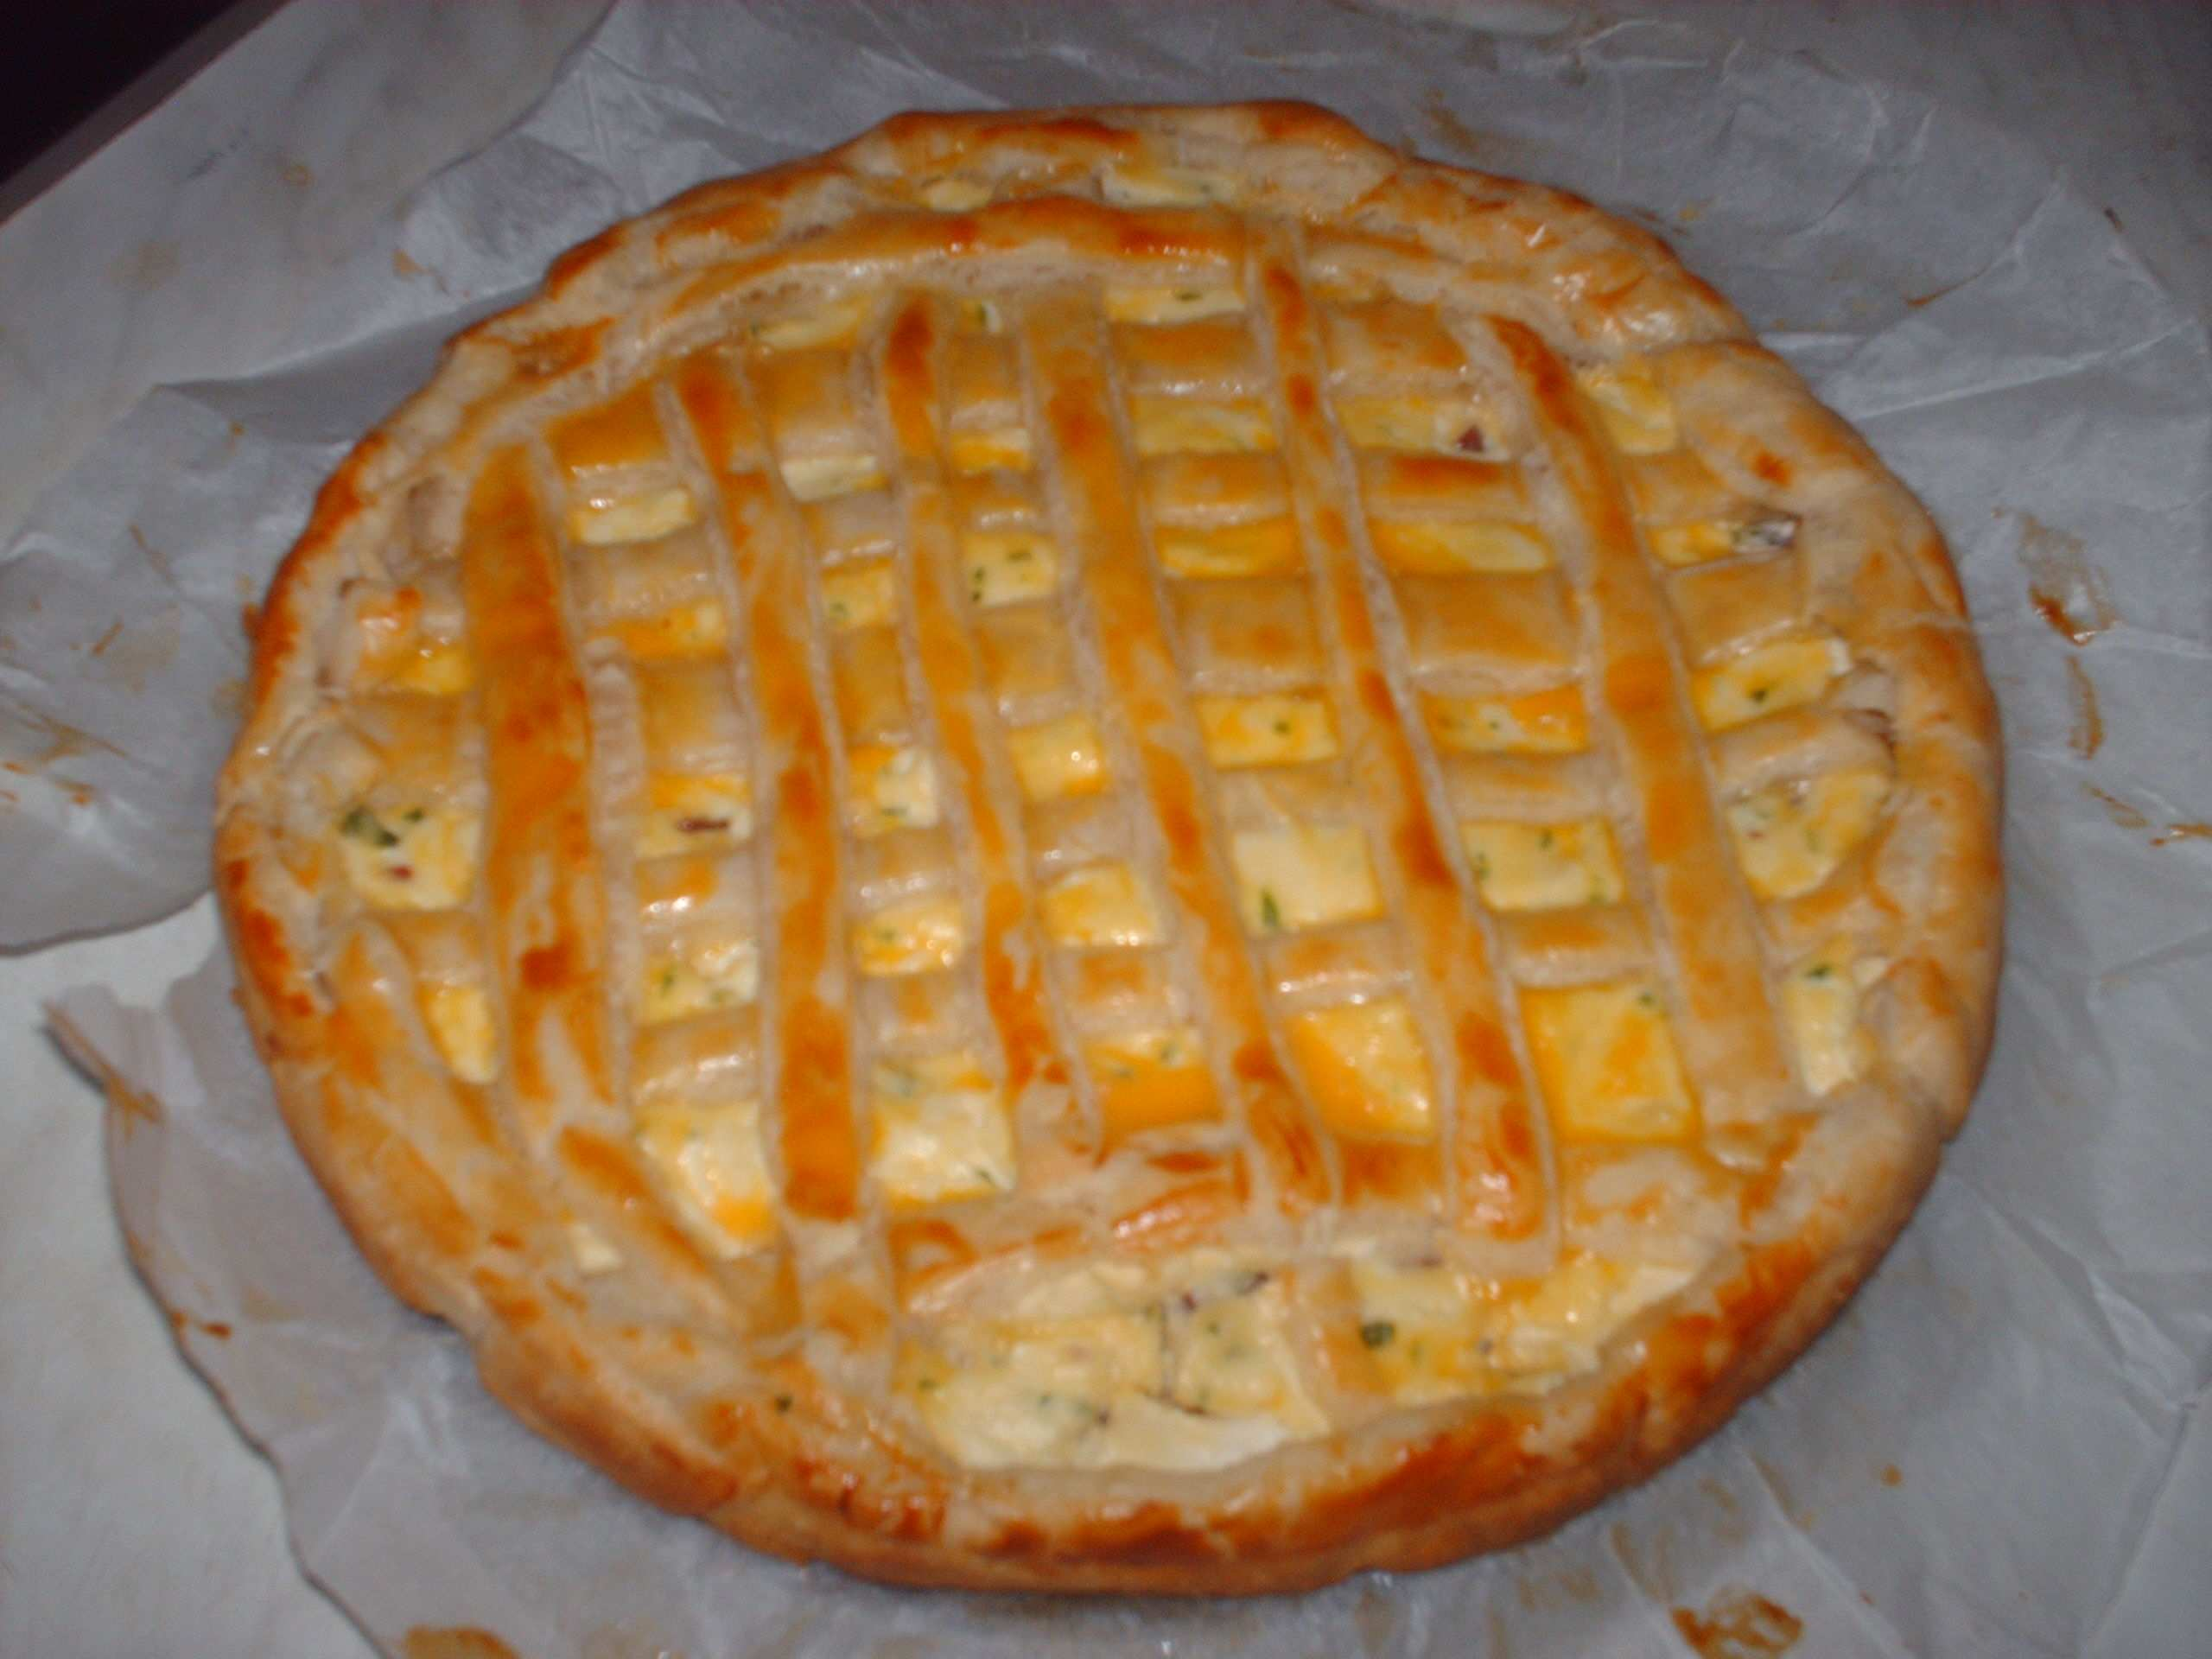 ricette di rustici con la pasta sfoglia 1 - Ricette di rustici con la pasta sfoglia: torta di ricotta e salsiccia